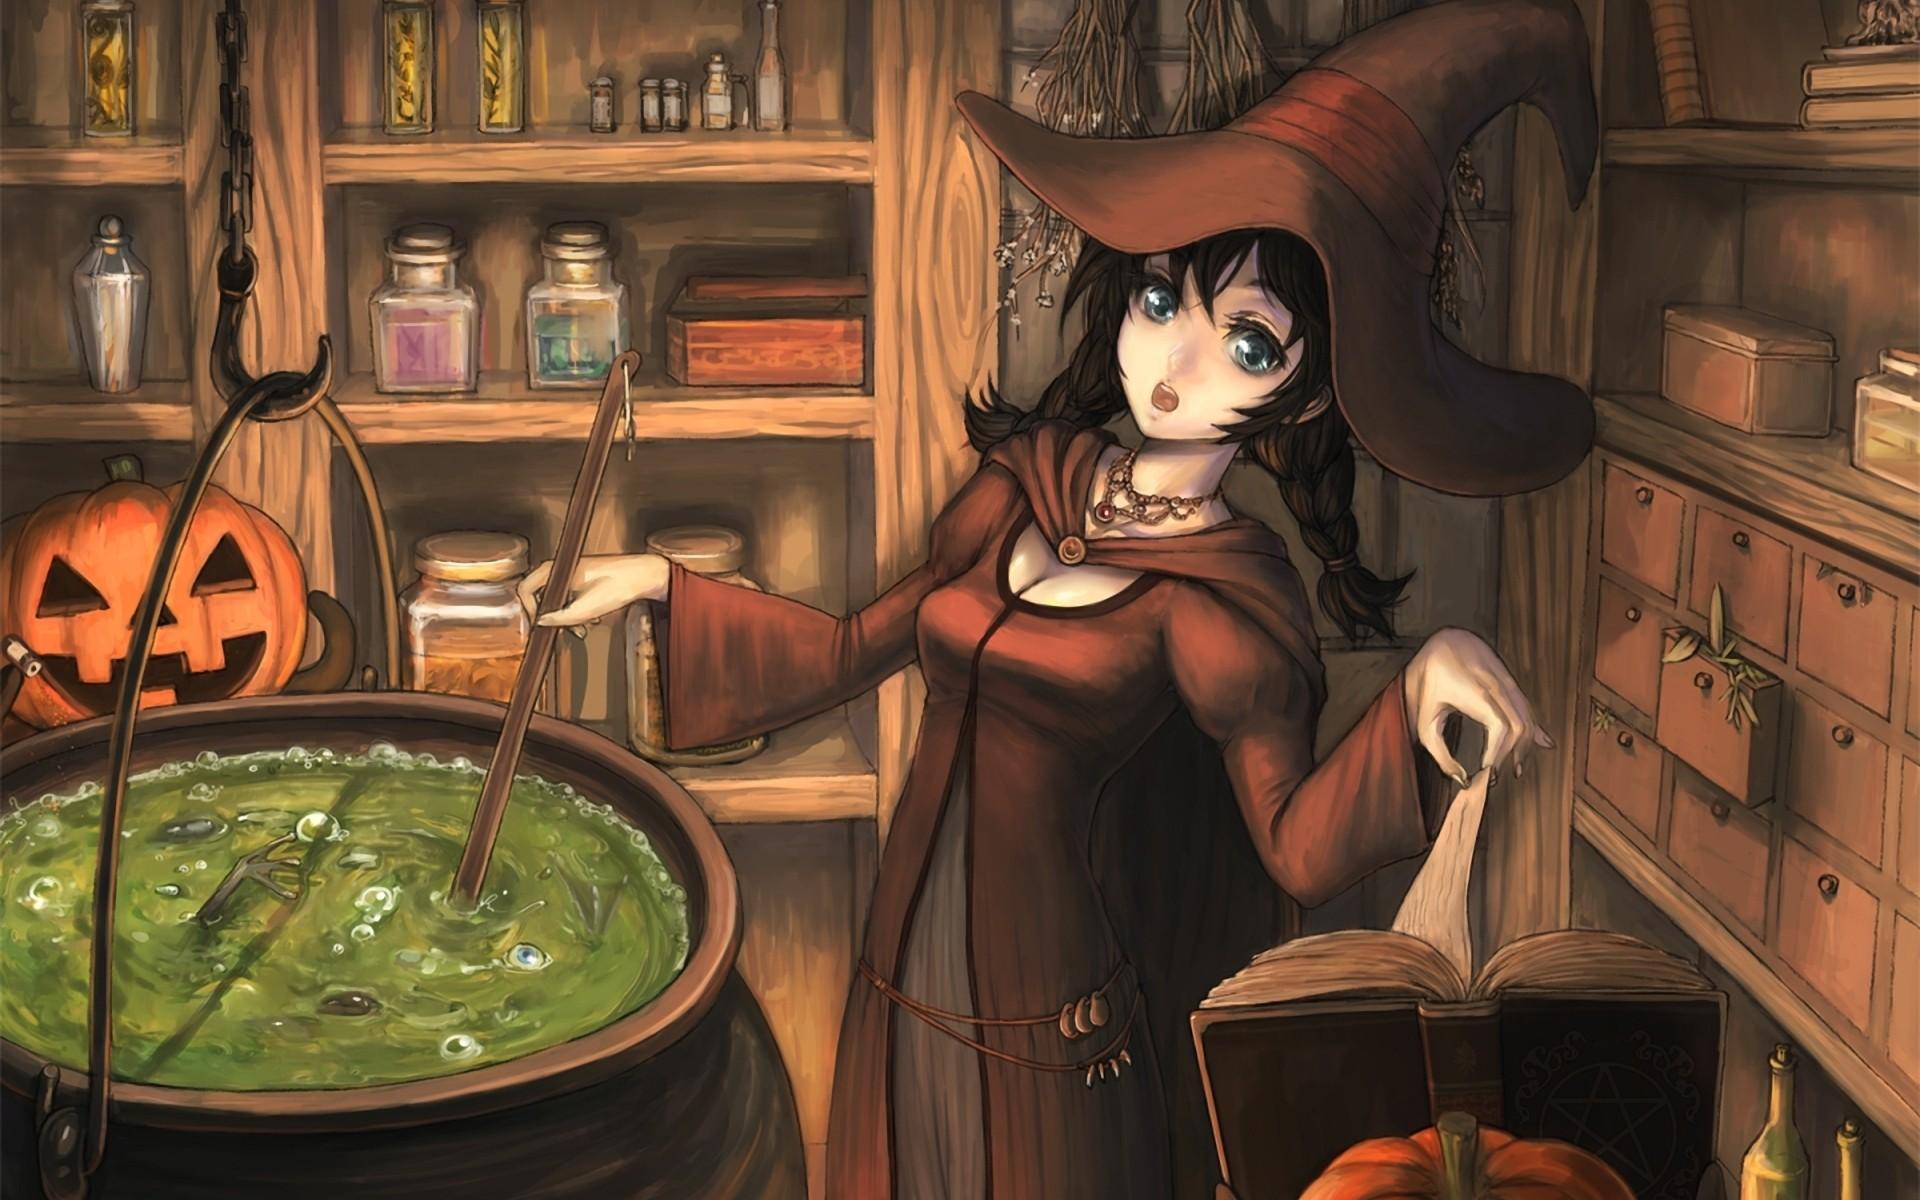 Dibujo de brujas - 1920x1200